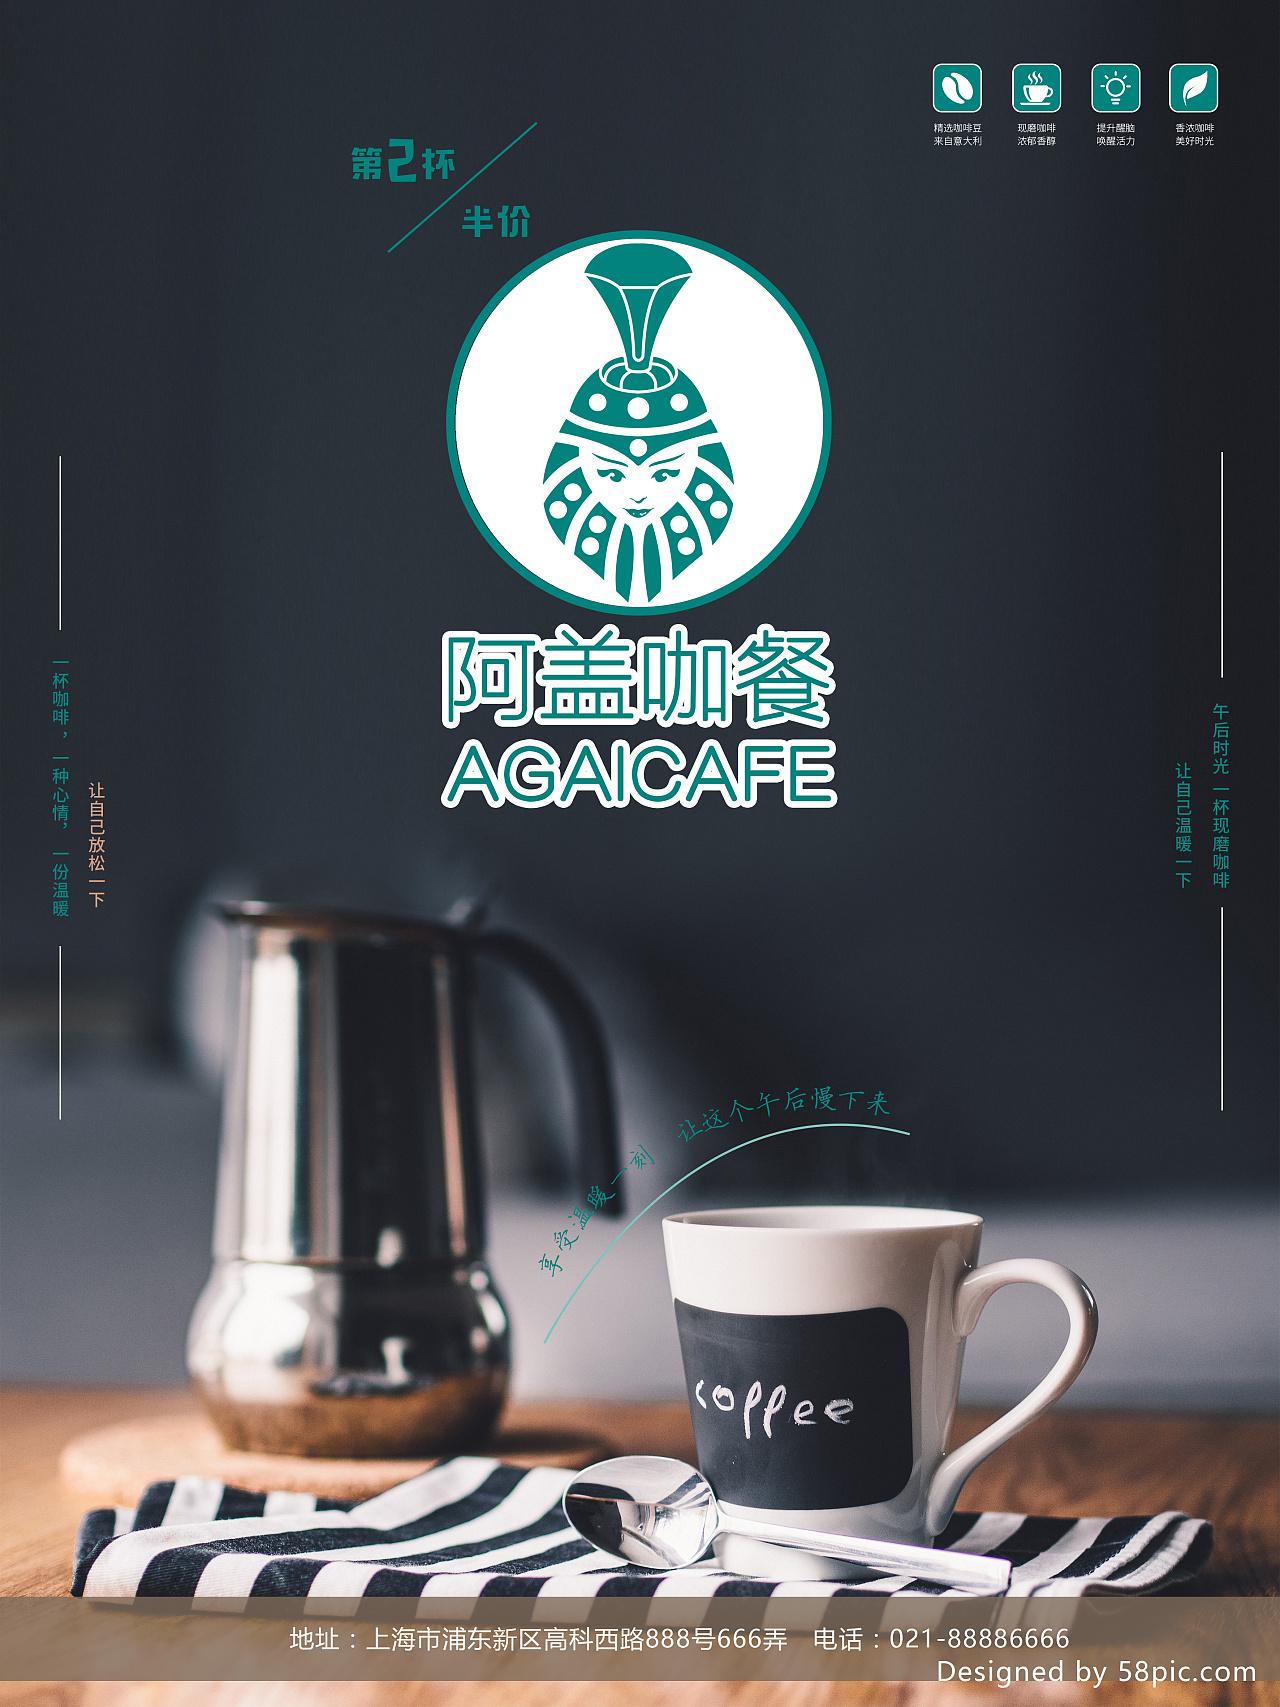 阿盖咖餐-蒙古特色logo设计 第7张